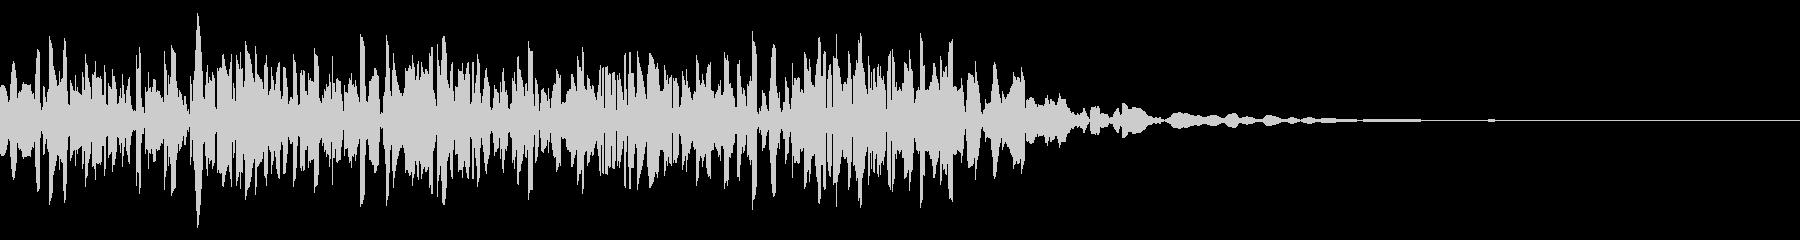 ファミコン風_ノック音1の未再生の波形